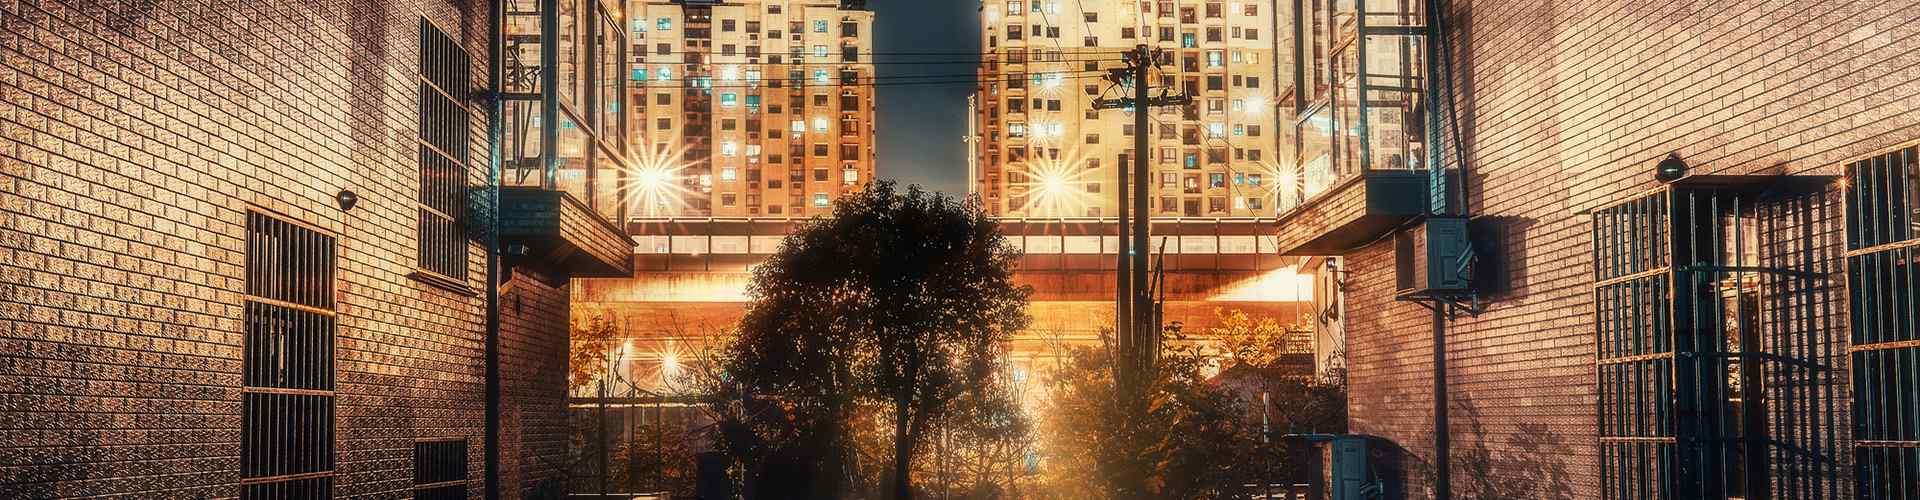 城市夜景图片_城市风景图片_城市夜景桌面壁纸、手机壁纸_都市夜景图片_风景壁纸